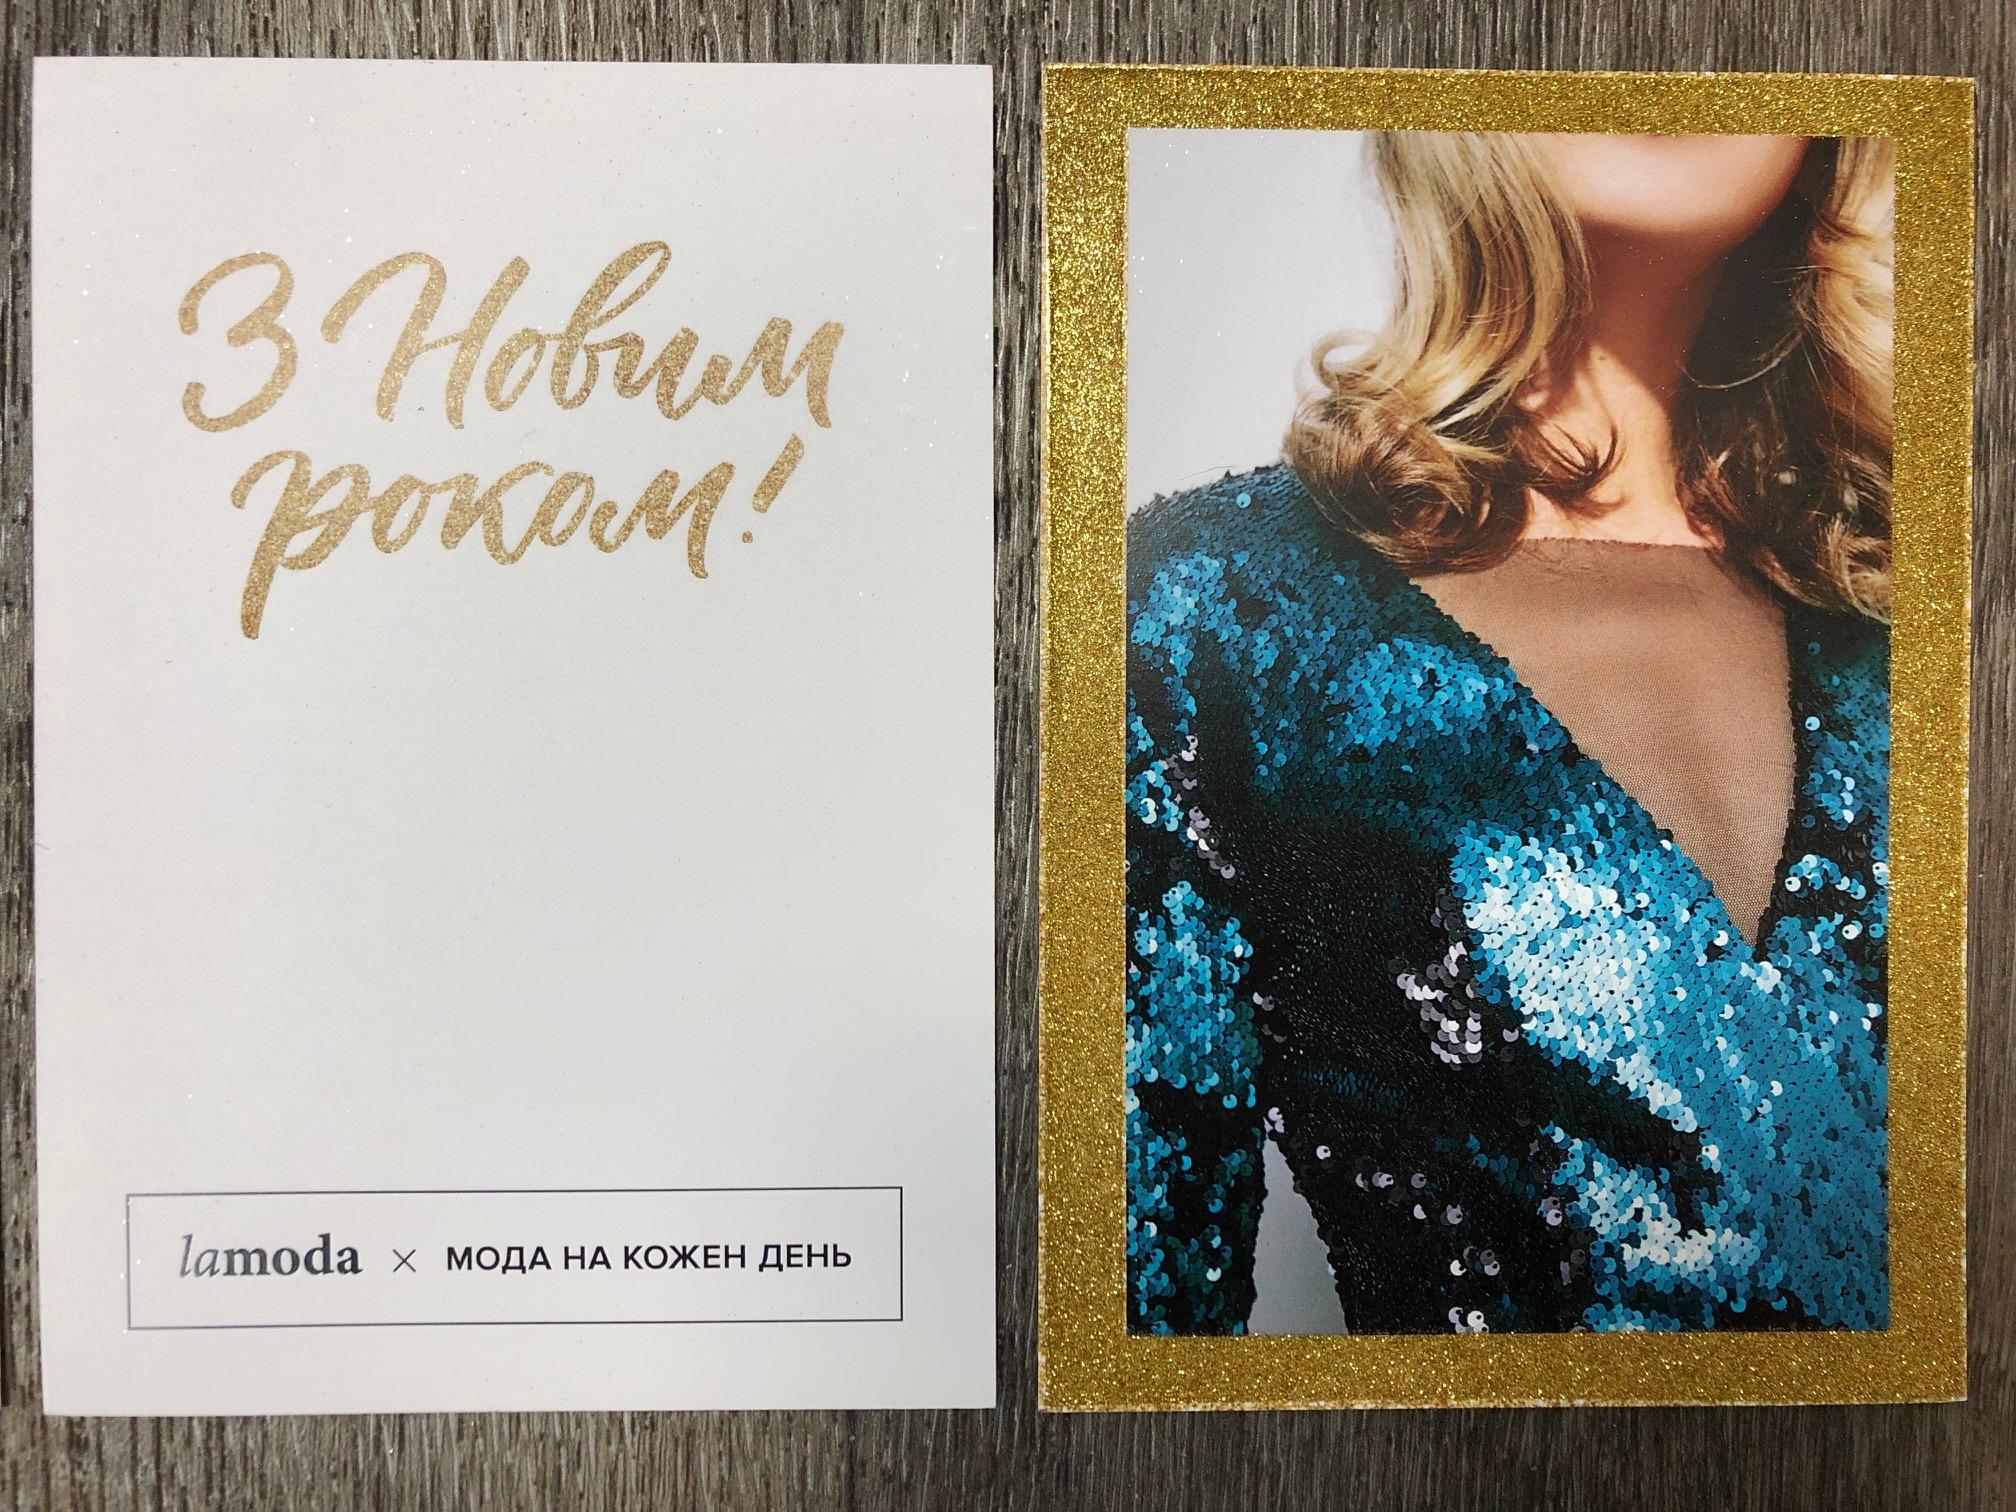 lamoda поздравительная открытка с глиттером по периметру